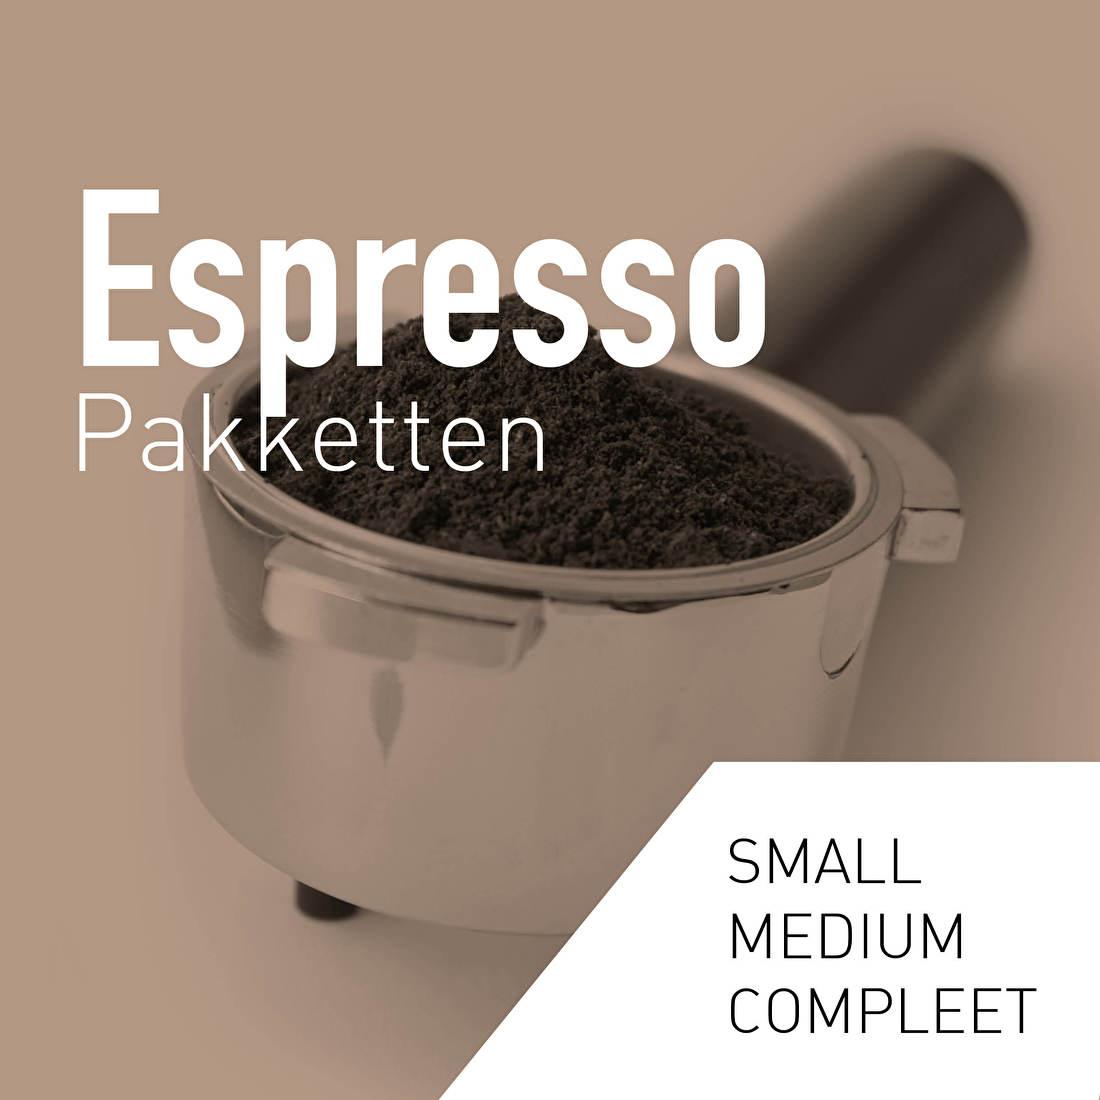 espresso pakketten